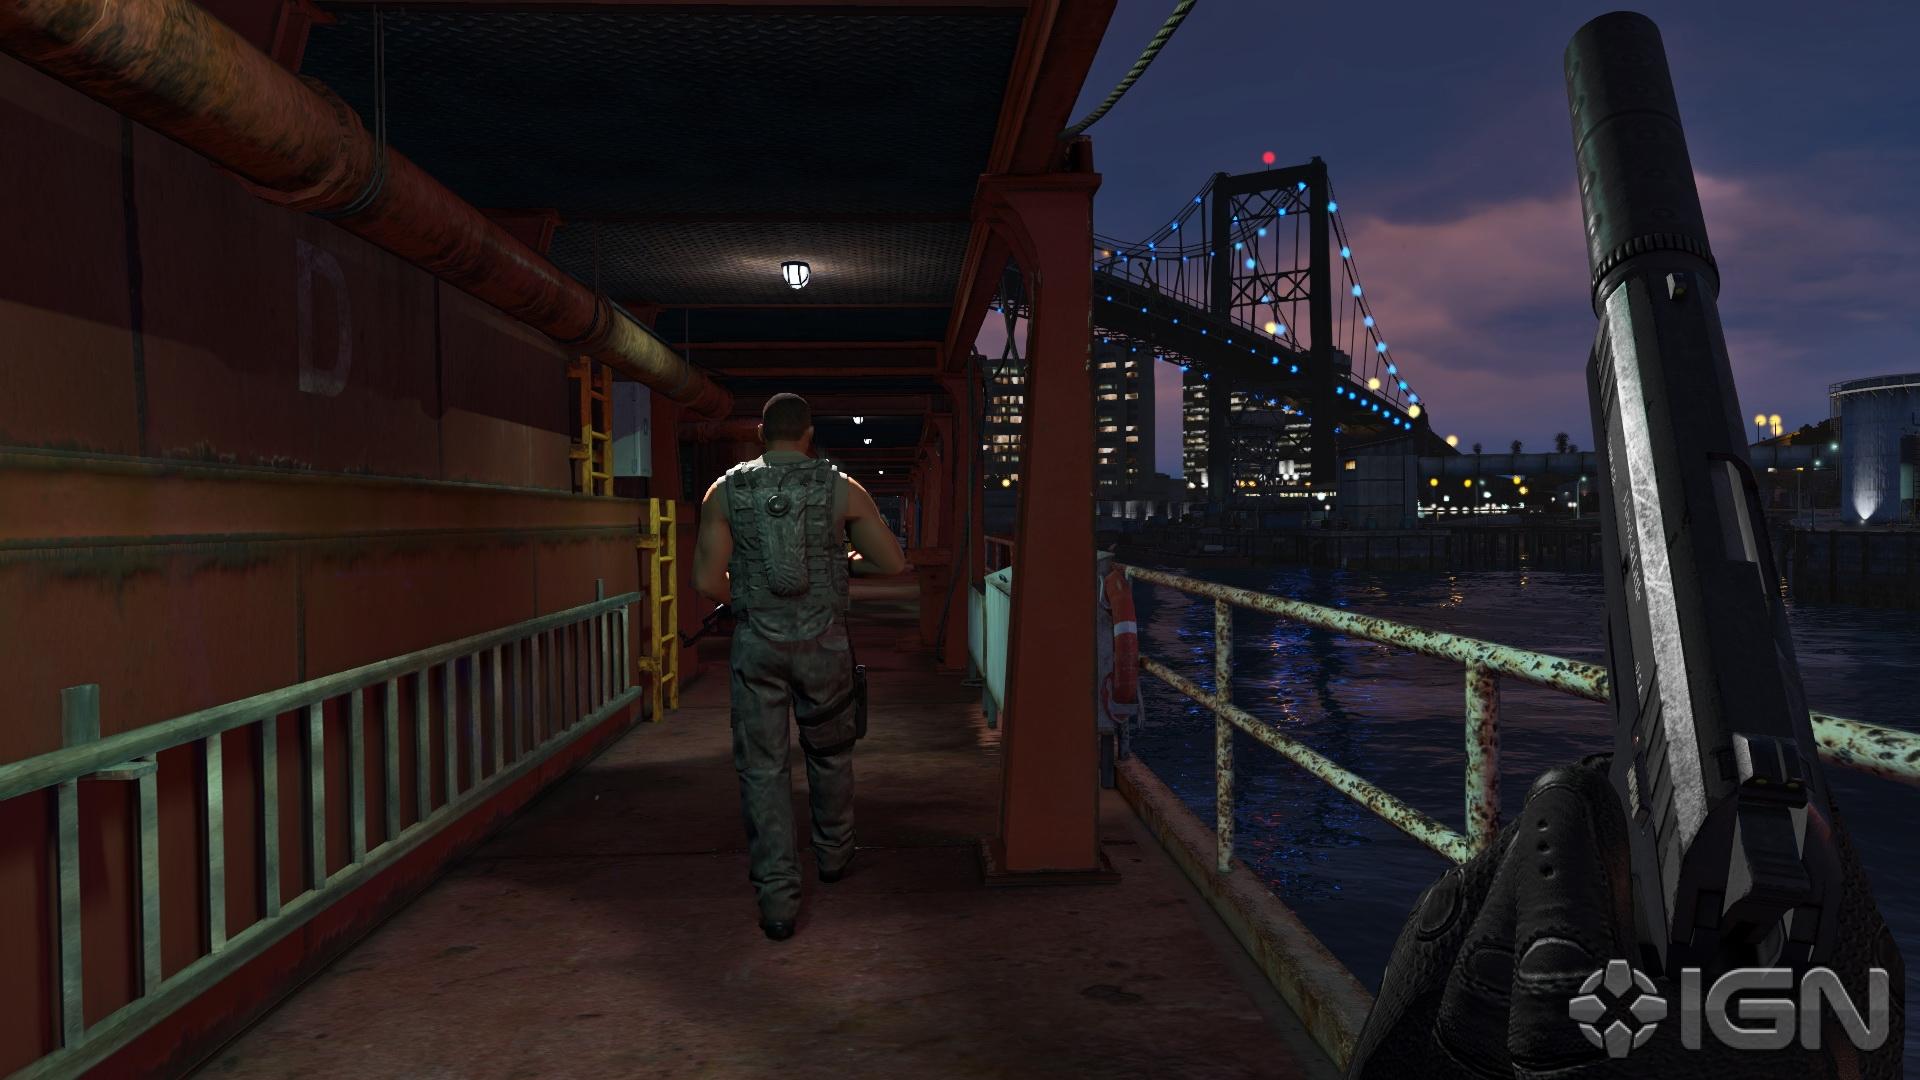 Dalších 25 nových obrázků z Grand Theft Auto V 102035